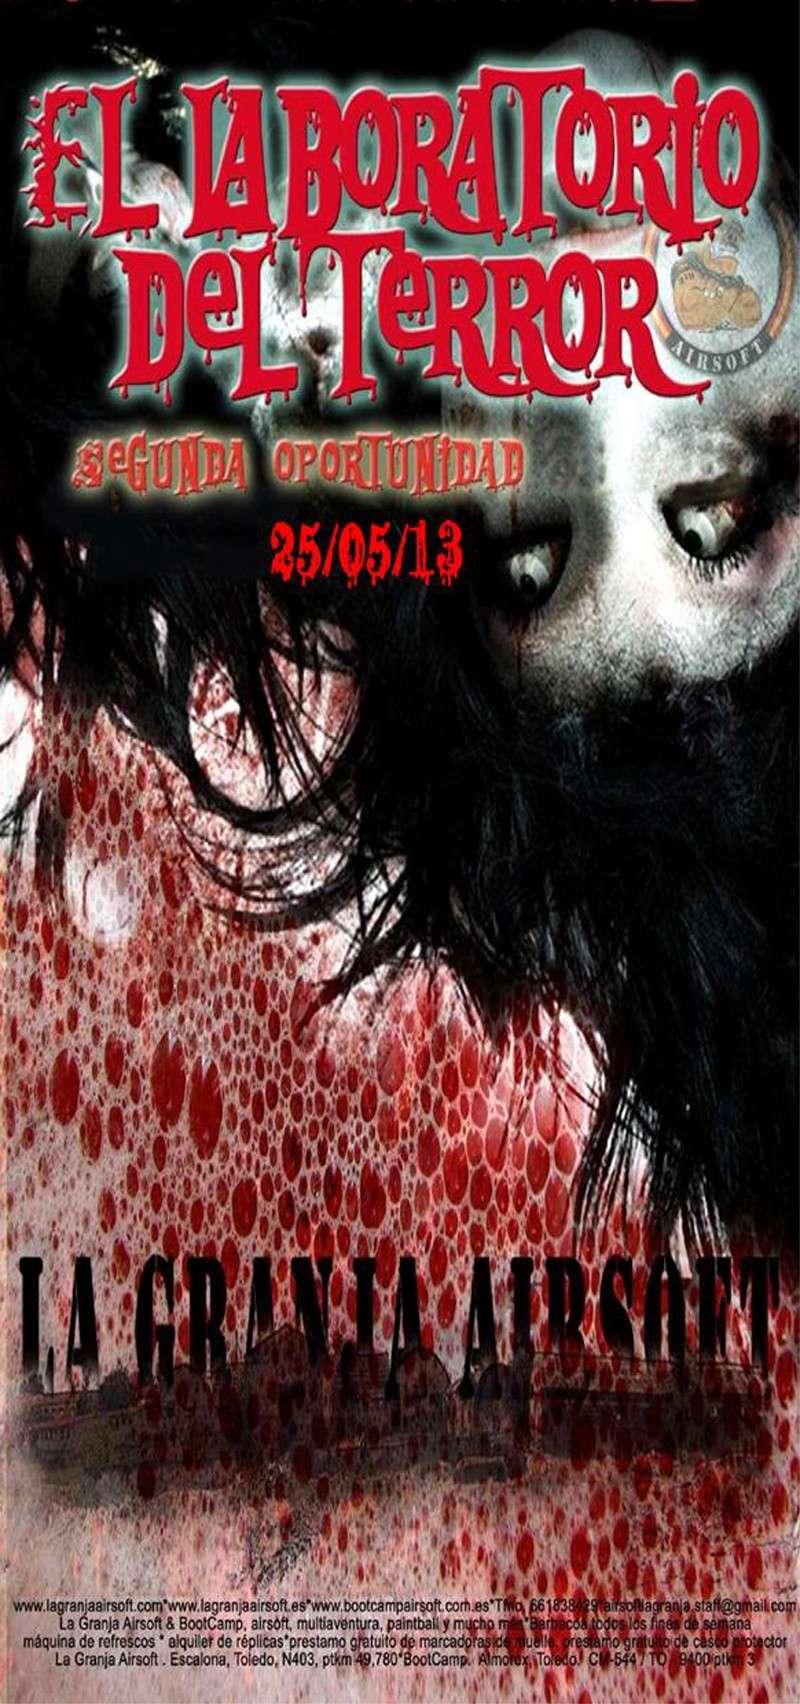 25/05/13 SÁBADO NOCTURNA  El Laboratorio del Terror – La Granja Airsoft                                                                                                                                                                                         Labora10